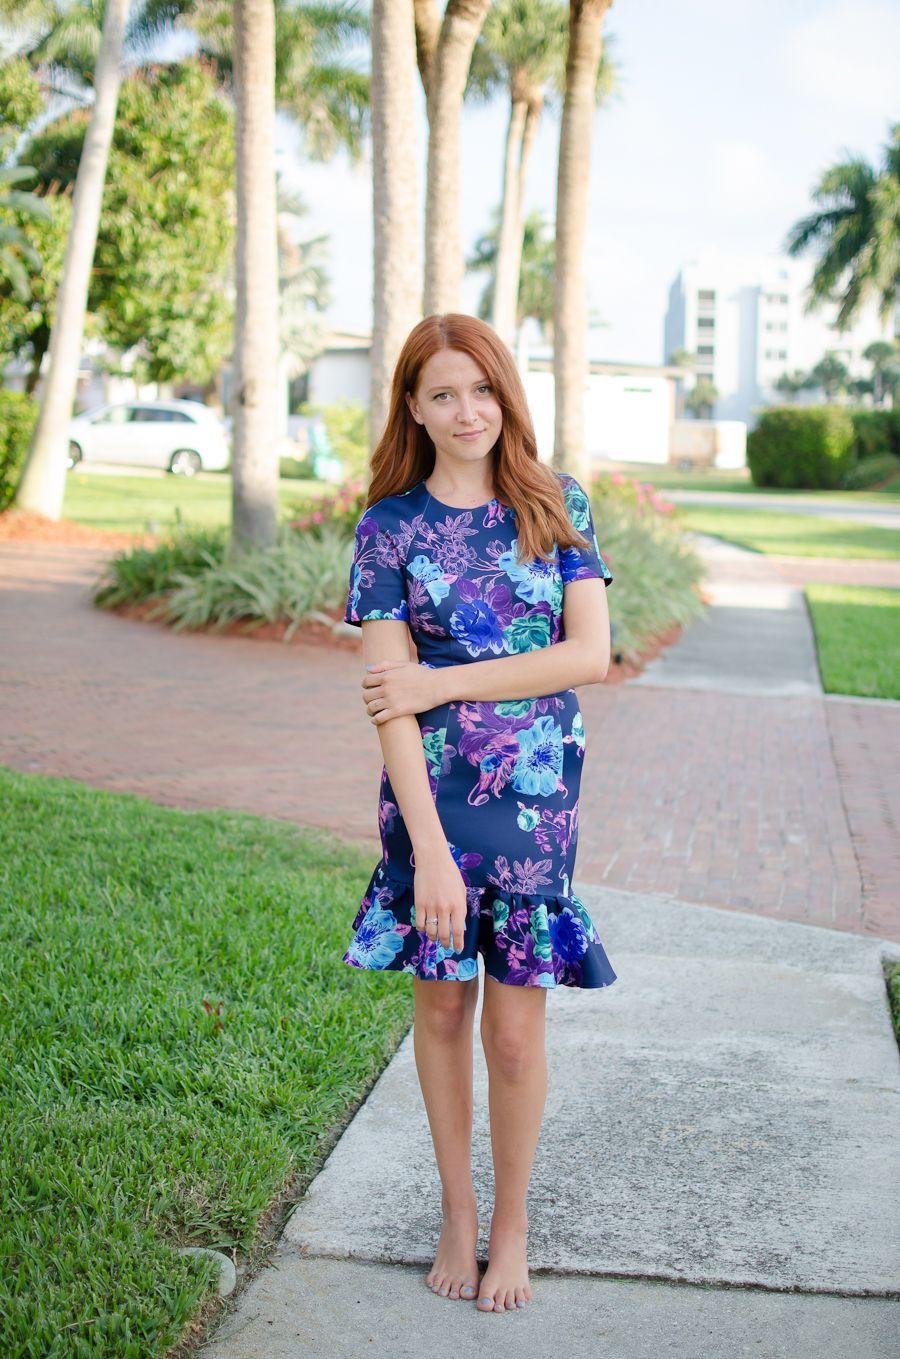 Floral Scuba Dress   Barefoot girls   Pinterest   Scuba dress ...